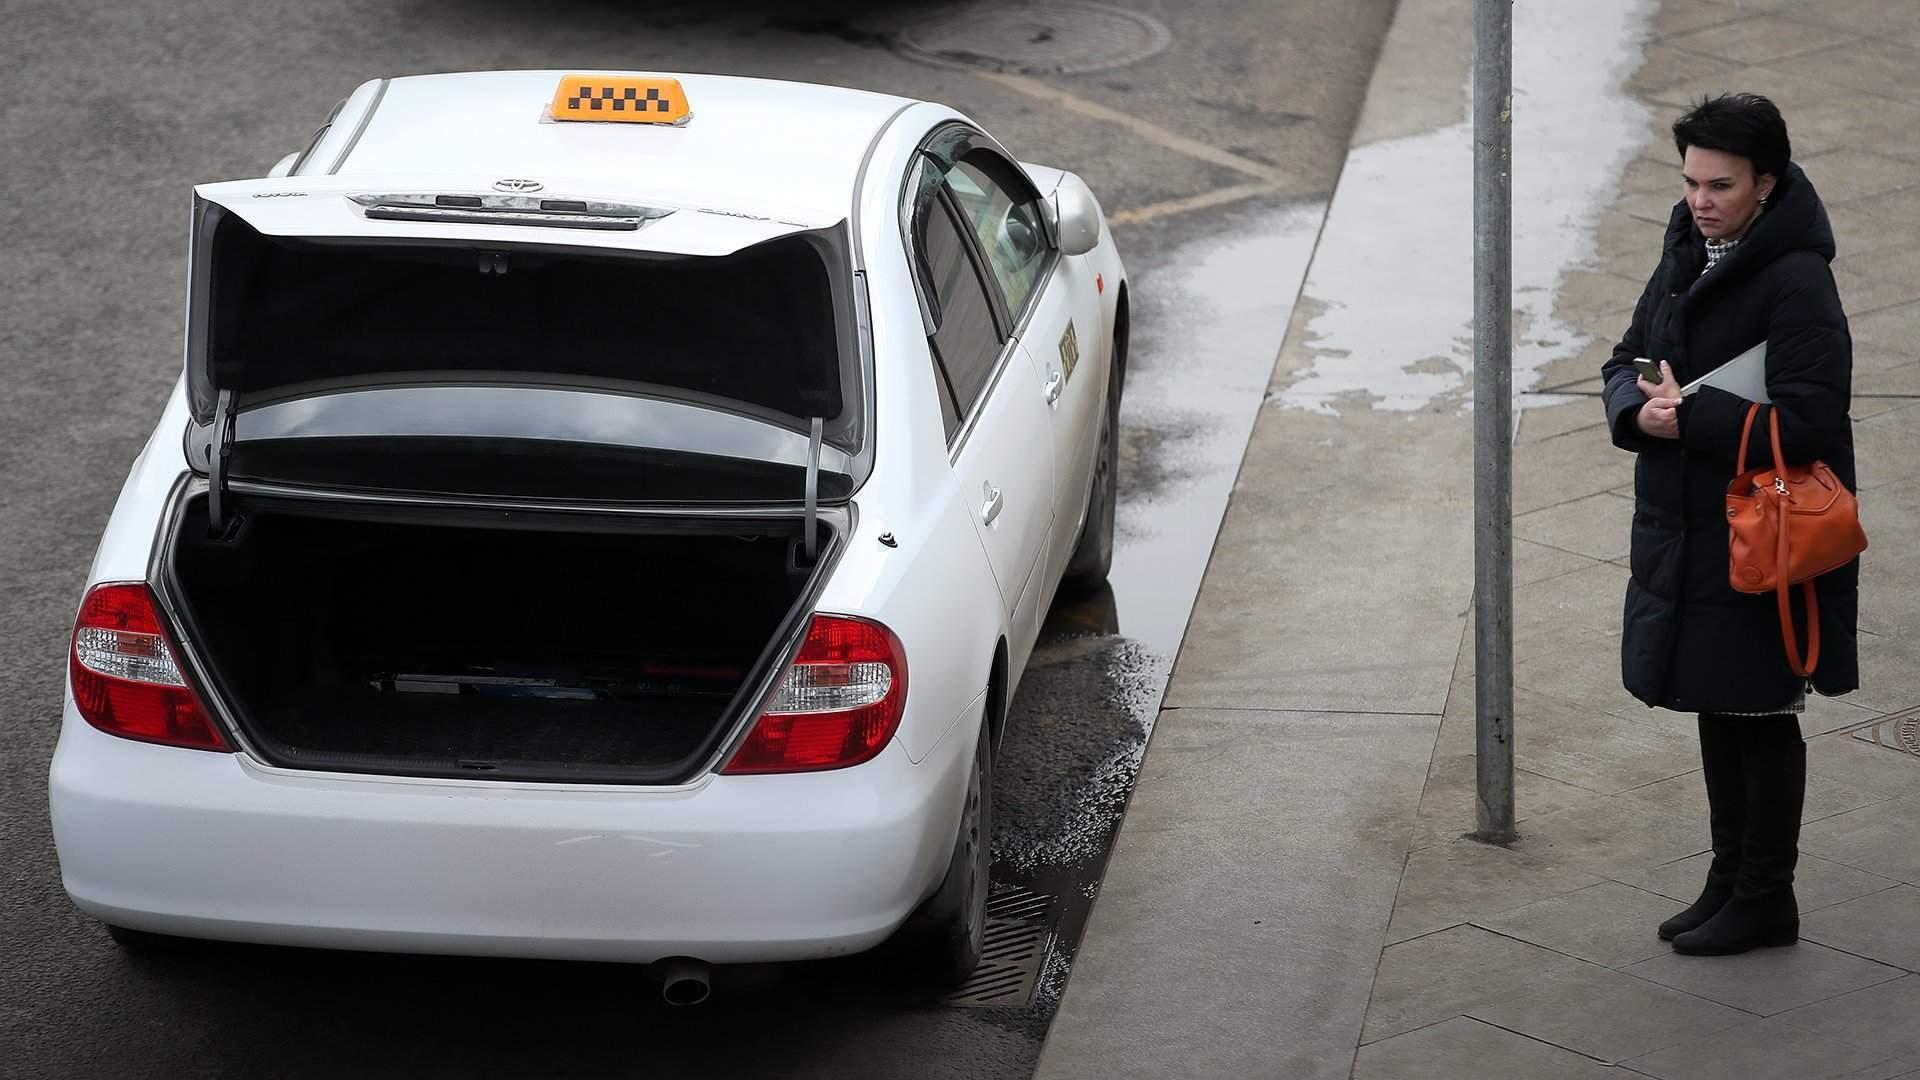 Клиент такси попал в аварию что он может потребовать от организации